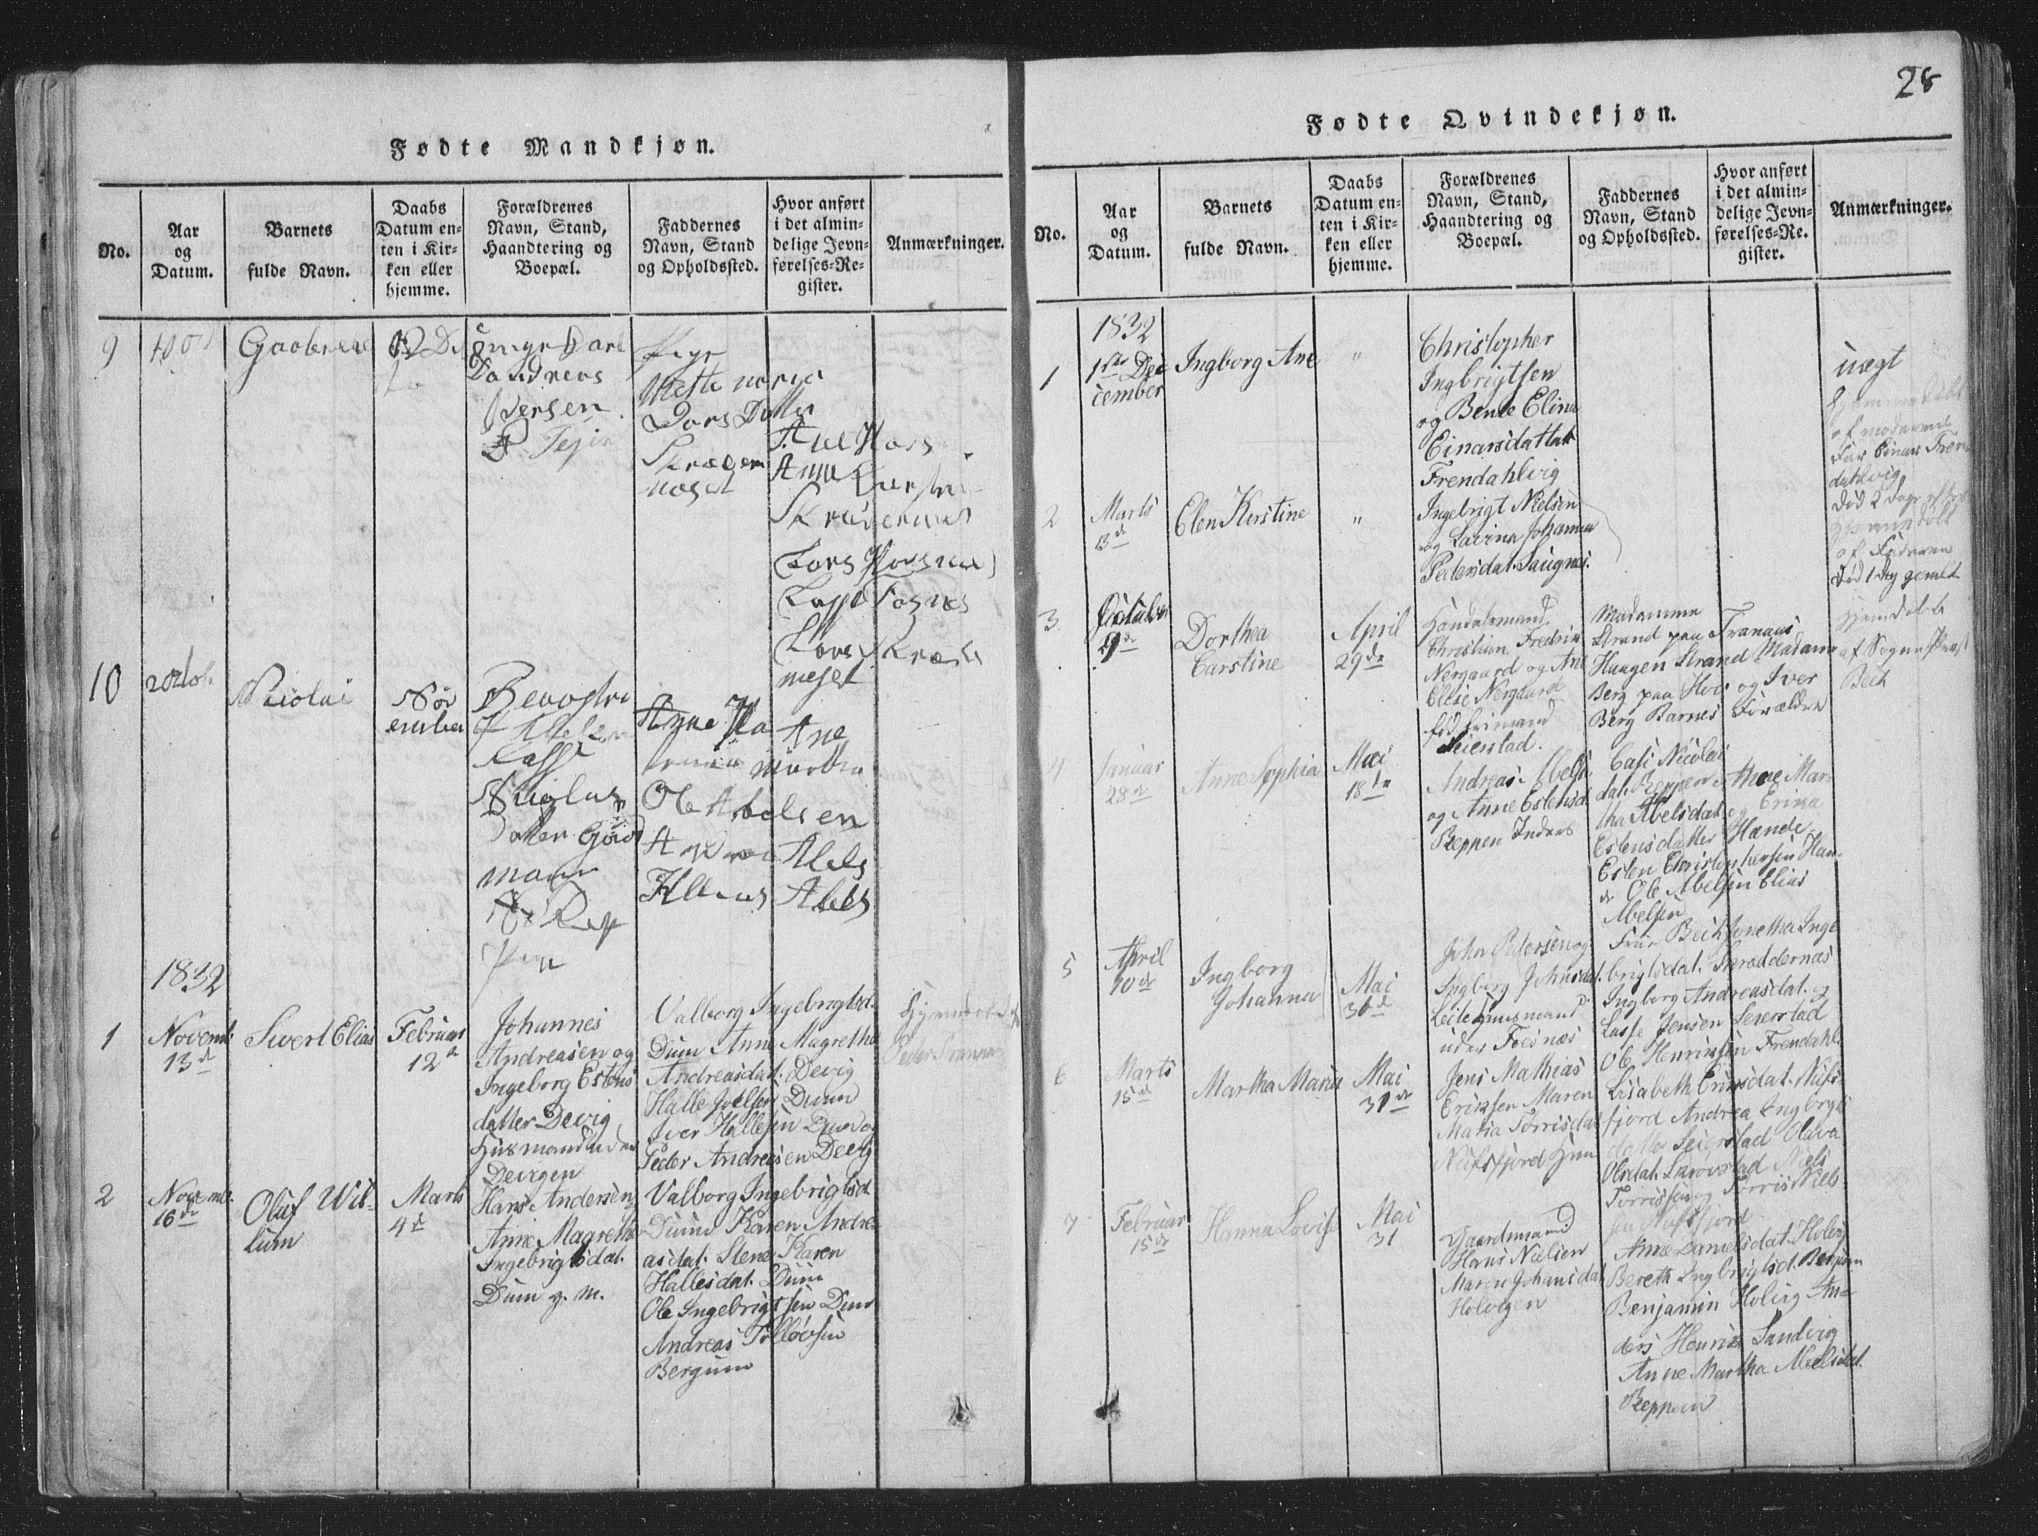 SAT, Ministerialprotokoller, klokkerbøker og fødselsregistre - Nord-Trøndelag, 773/L0613: Ministerialbok nr. 773A04, 1815-1845, s. 28